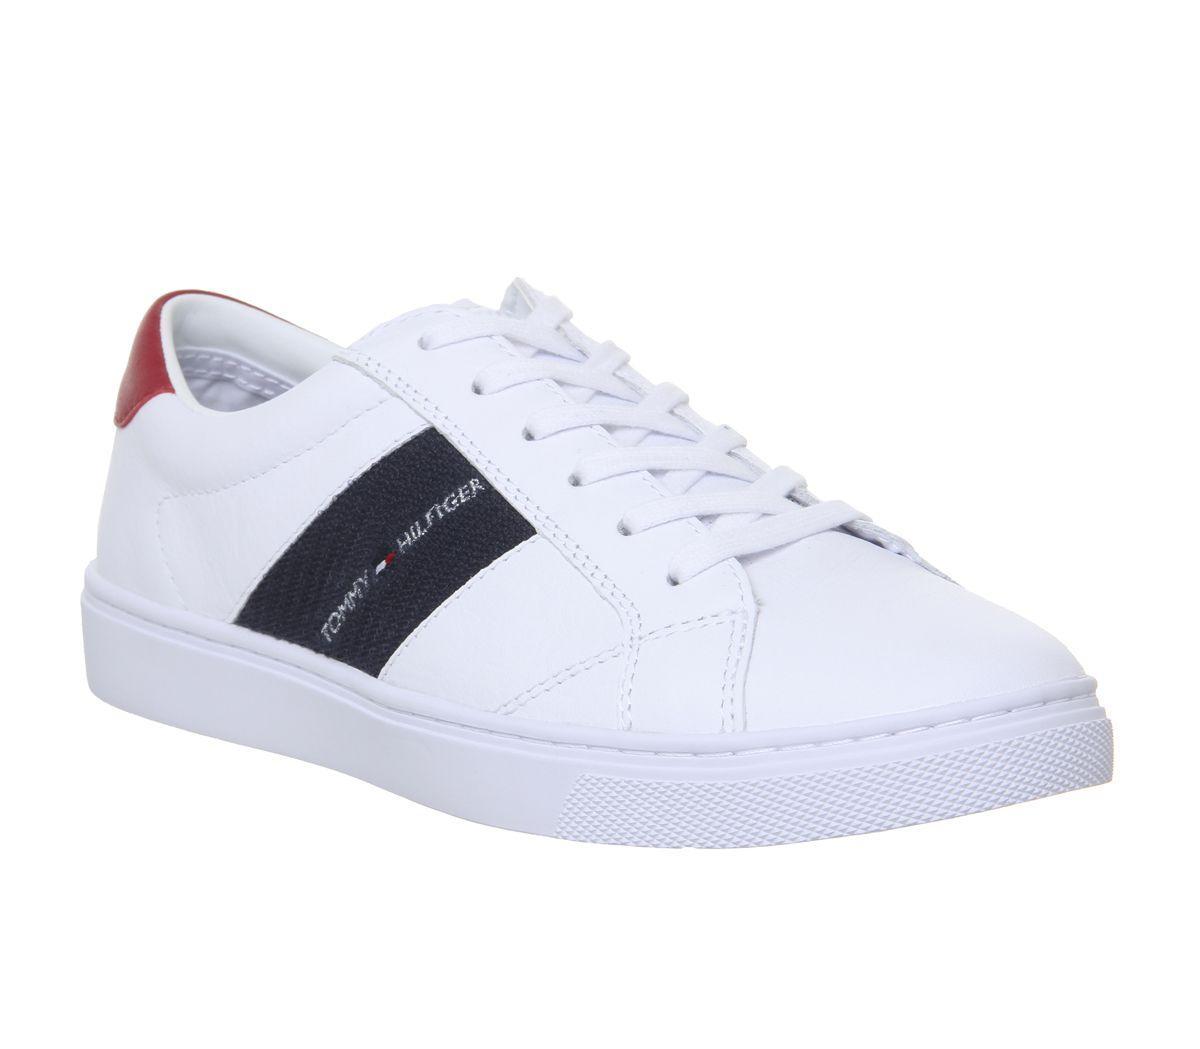 7f2e0e7a4549e Tommy Hilfiger Badge Sneaker in White - Lyst